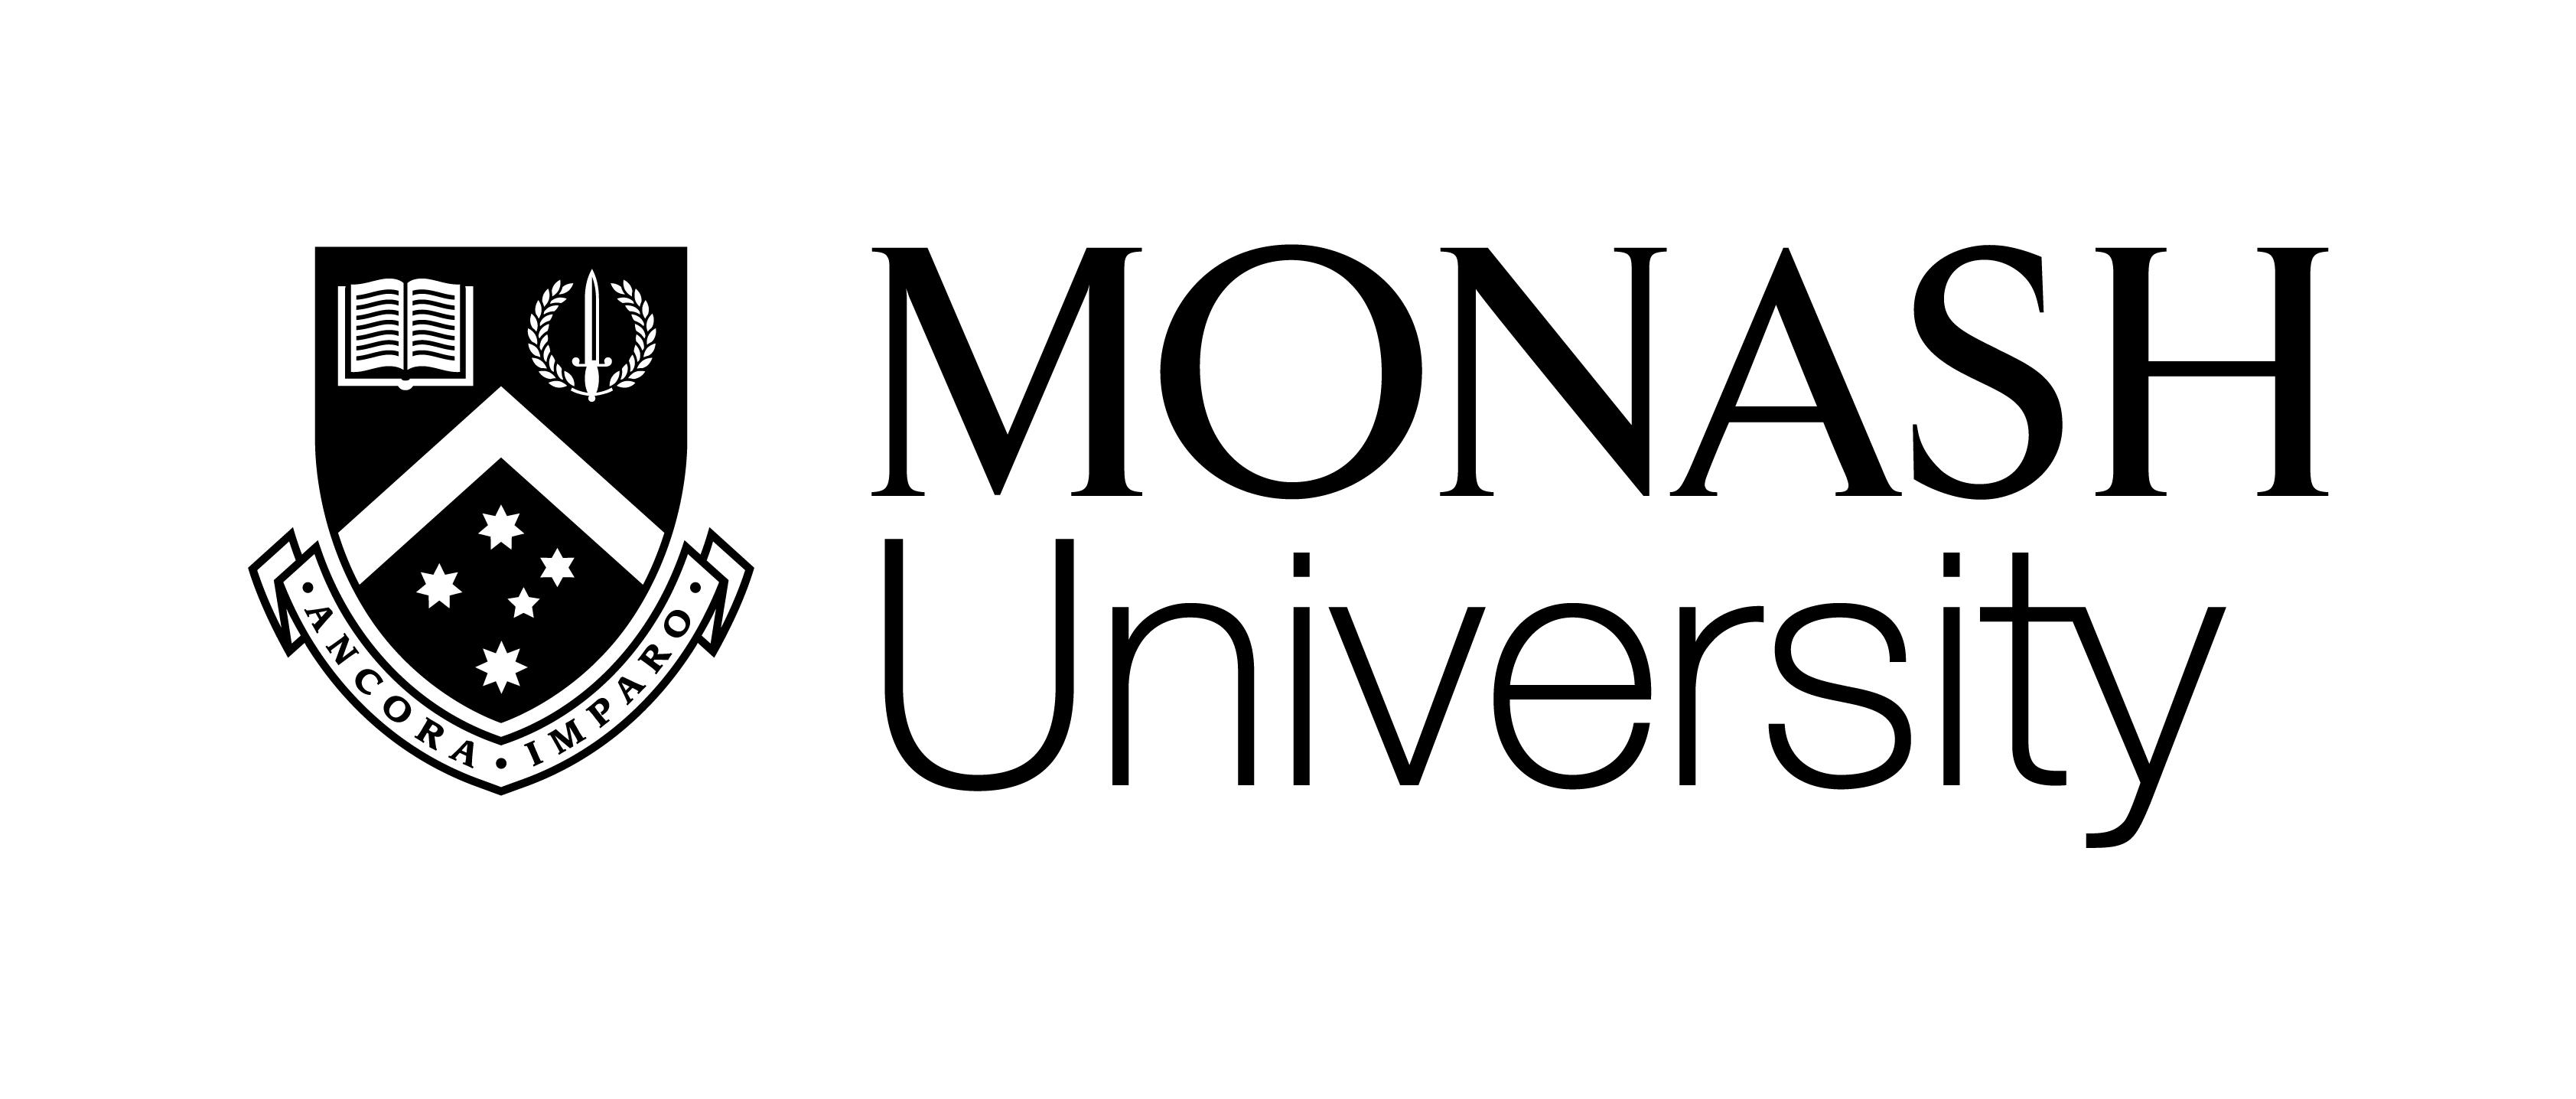 モナシュ大学の薬学部が世界で2位に選ばれました!(6/16 UP)